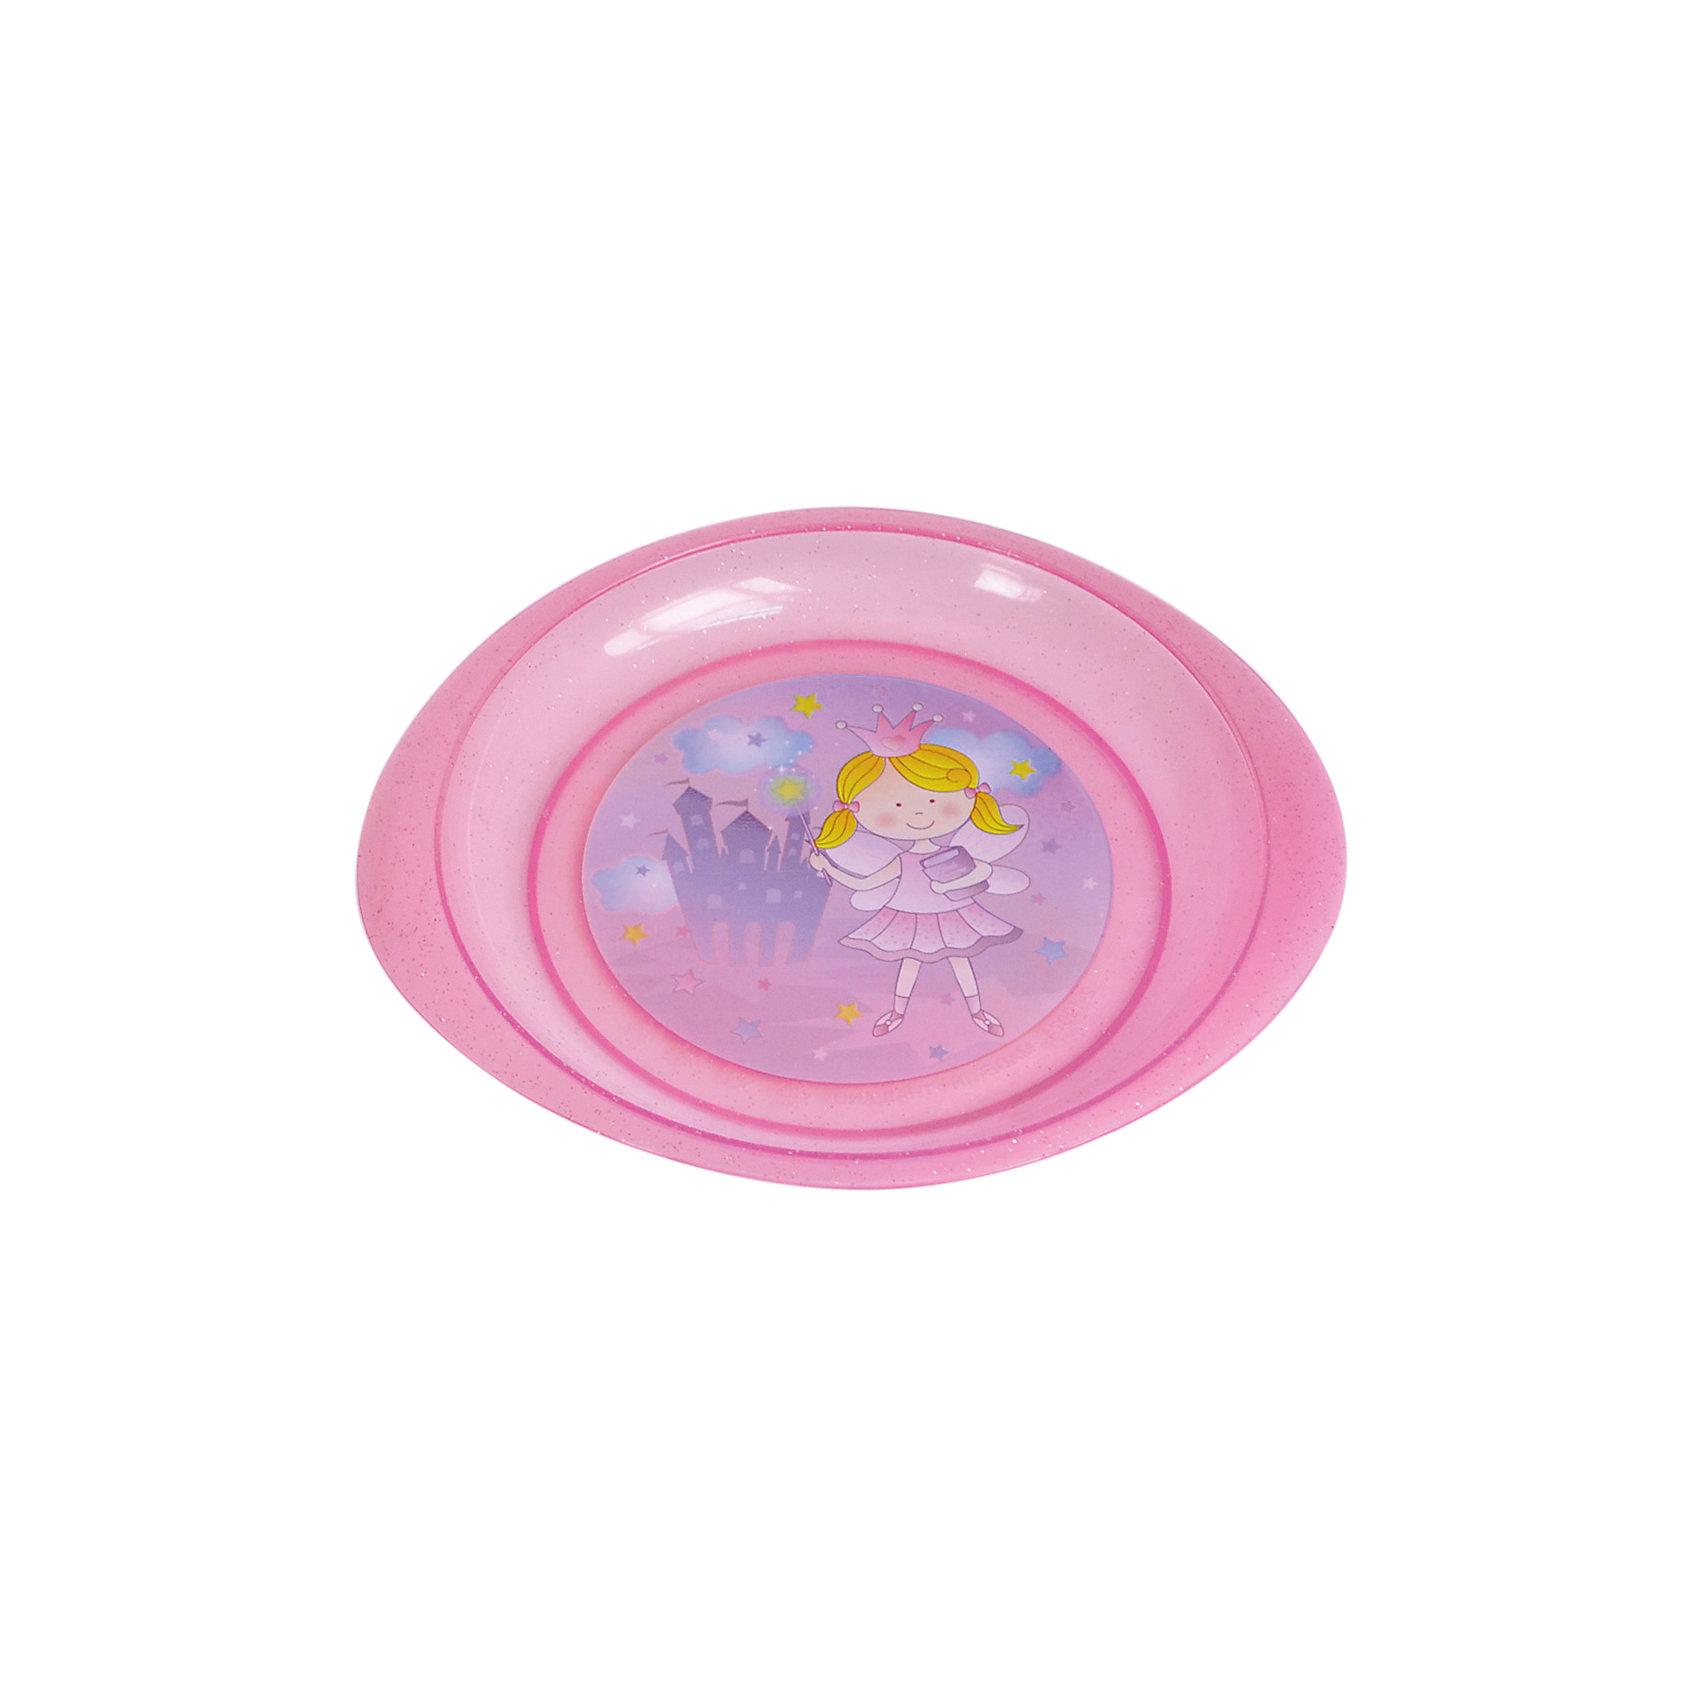 Тарелочка для вторых блюд, Kurnosiki, розовыйХарактеристики:<br><br>• Наименование: тарелочка для вторых блюд<br>• Материал: пластик<br>• Пол: для девочки<br>• Цвет: розовый<br>• Тематика рисунка: принцесса, замок<br>• Можно использовать как для холодных, так и для горячих блюд<br>• Можно использовать для СВЧ<br>• Удобные ручки с антискользящей поверхностью<br>• Декорирована блестками<br>• Вес: 80 г<br>• Параметры (Д*Ш*В): 28*21*2 см <br>• Особенности ухода: разрешается мыть в посудомоечной машине<br><br>Тарелочка для вторых блюд, Kurnosiki, фиолетовый выполнена из безопасного и ударопрочного пластика, по бокам имеются литые нескользящие ручки. <br><br>Тарелочка для вторых блюд, Kurnosiki, фиолетовый выполнена в ярком дизайне: дно оформлено сюжетной картинкой принцессы на фоне замка, весь корпус декорирован блестками. Рисунок устойчив к выцветанию и истиранию. Тарелочка для вторых блюд от Курносиков позволит без труда накормить даже самых непоседливых маленьких принцесс!<br><br>Тарелочку для вторых блюд, Kurnosiki, фиолетовый можно купить в нашем интернет-магазине.<br><br>Ширина мм: 70<br>Глубина мм: 100<br>Высота мм: 190<br>Вес г: 63<br>Возраст от месяцев: 4<br>Возраст до месяцев: 36<br>Пол: Женский<br>Возраст: Детский<br>SKU: 5428718